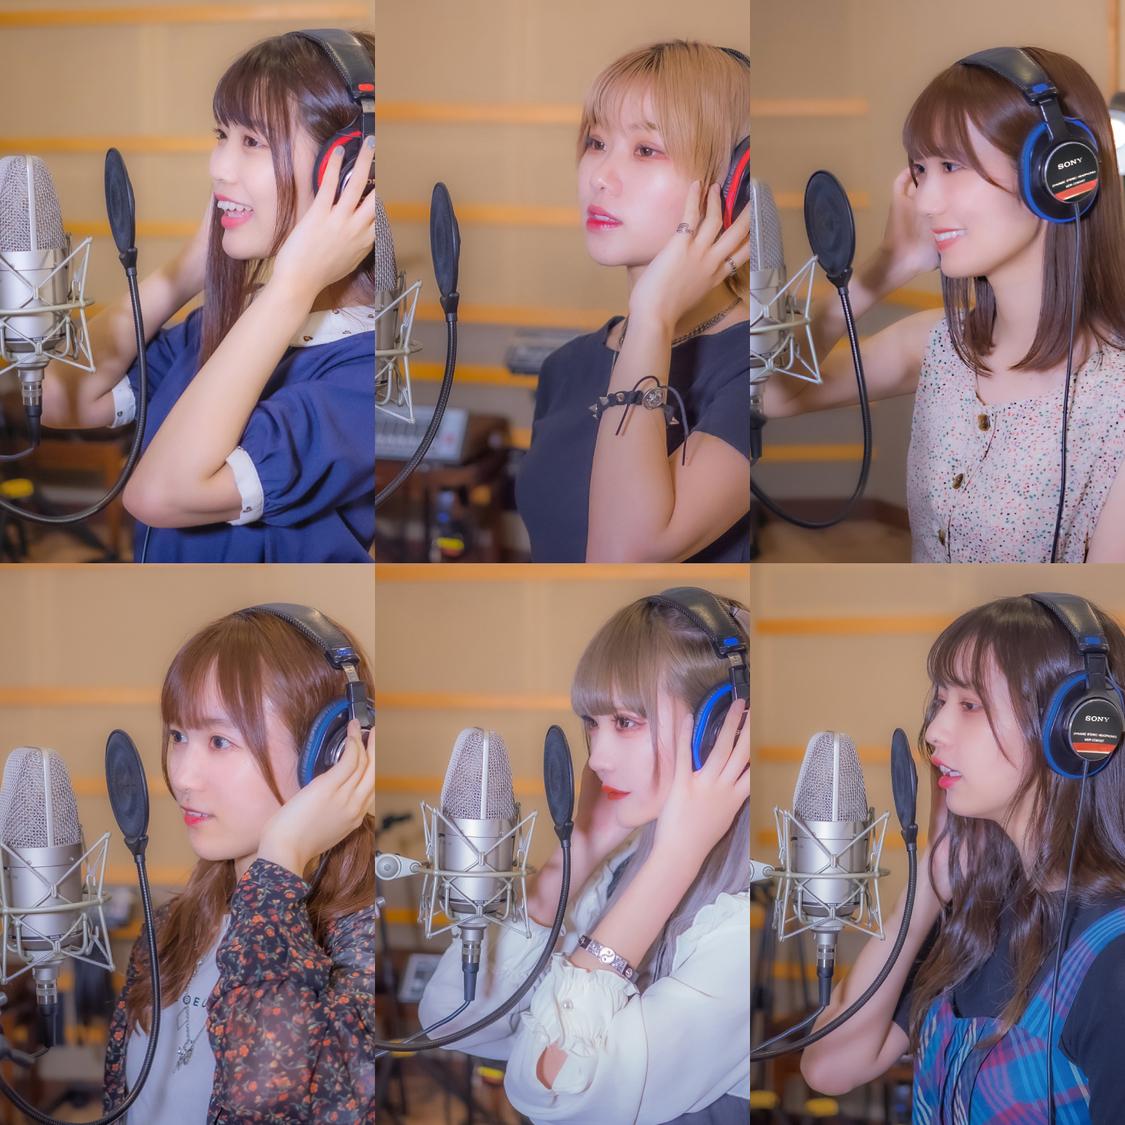 ニジマス 江嶋綾恵梨、しゅかしゅんMAINAら、歌うまアイドル6人が集結!Cheer song project 1st unitが「エール」配信